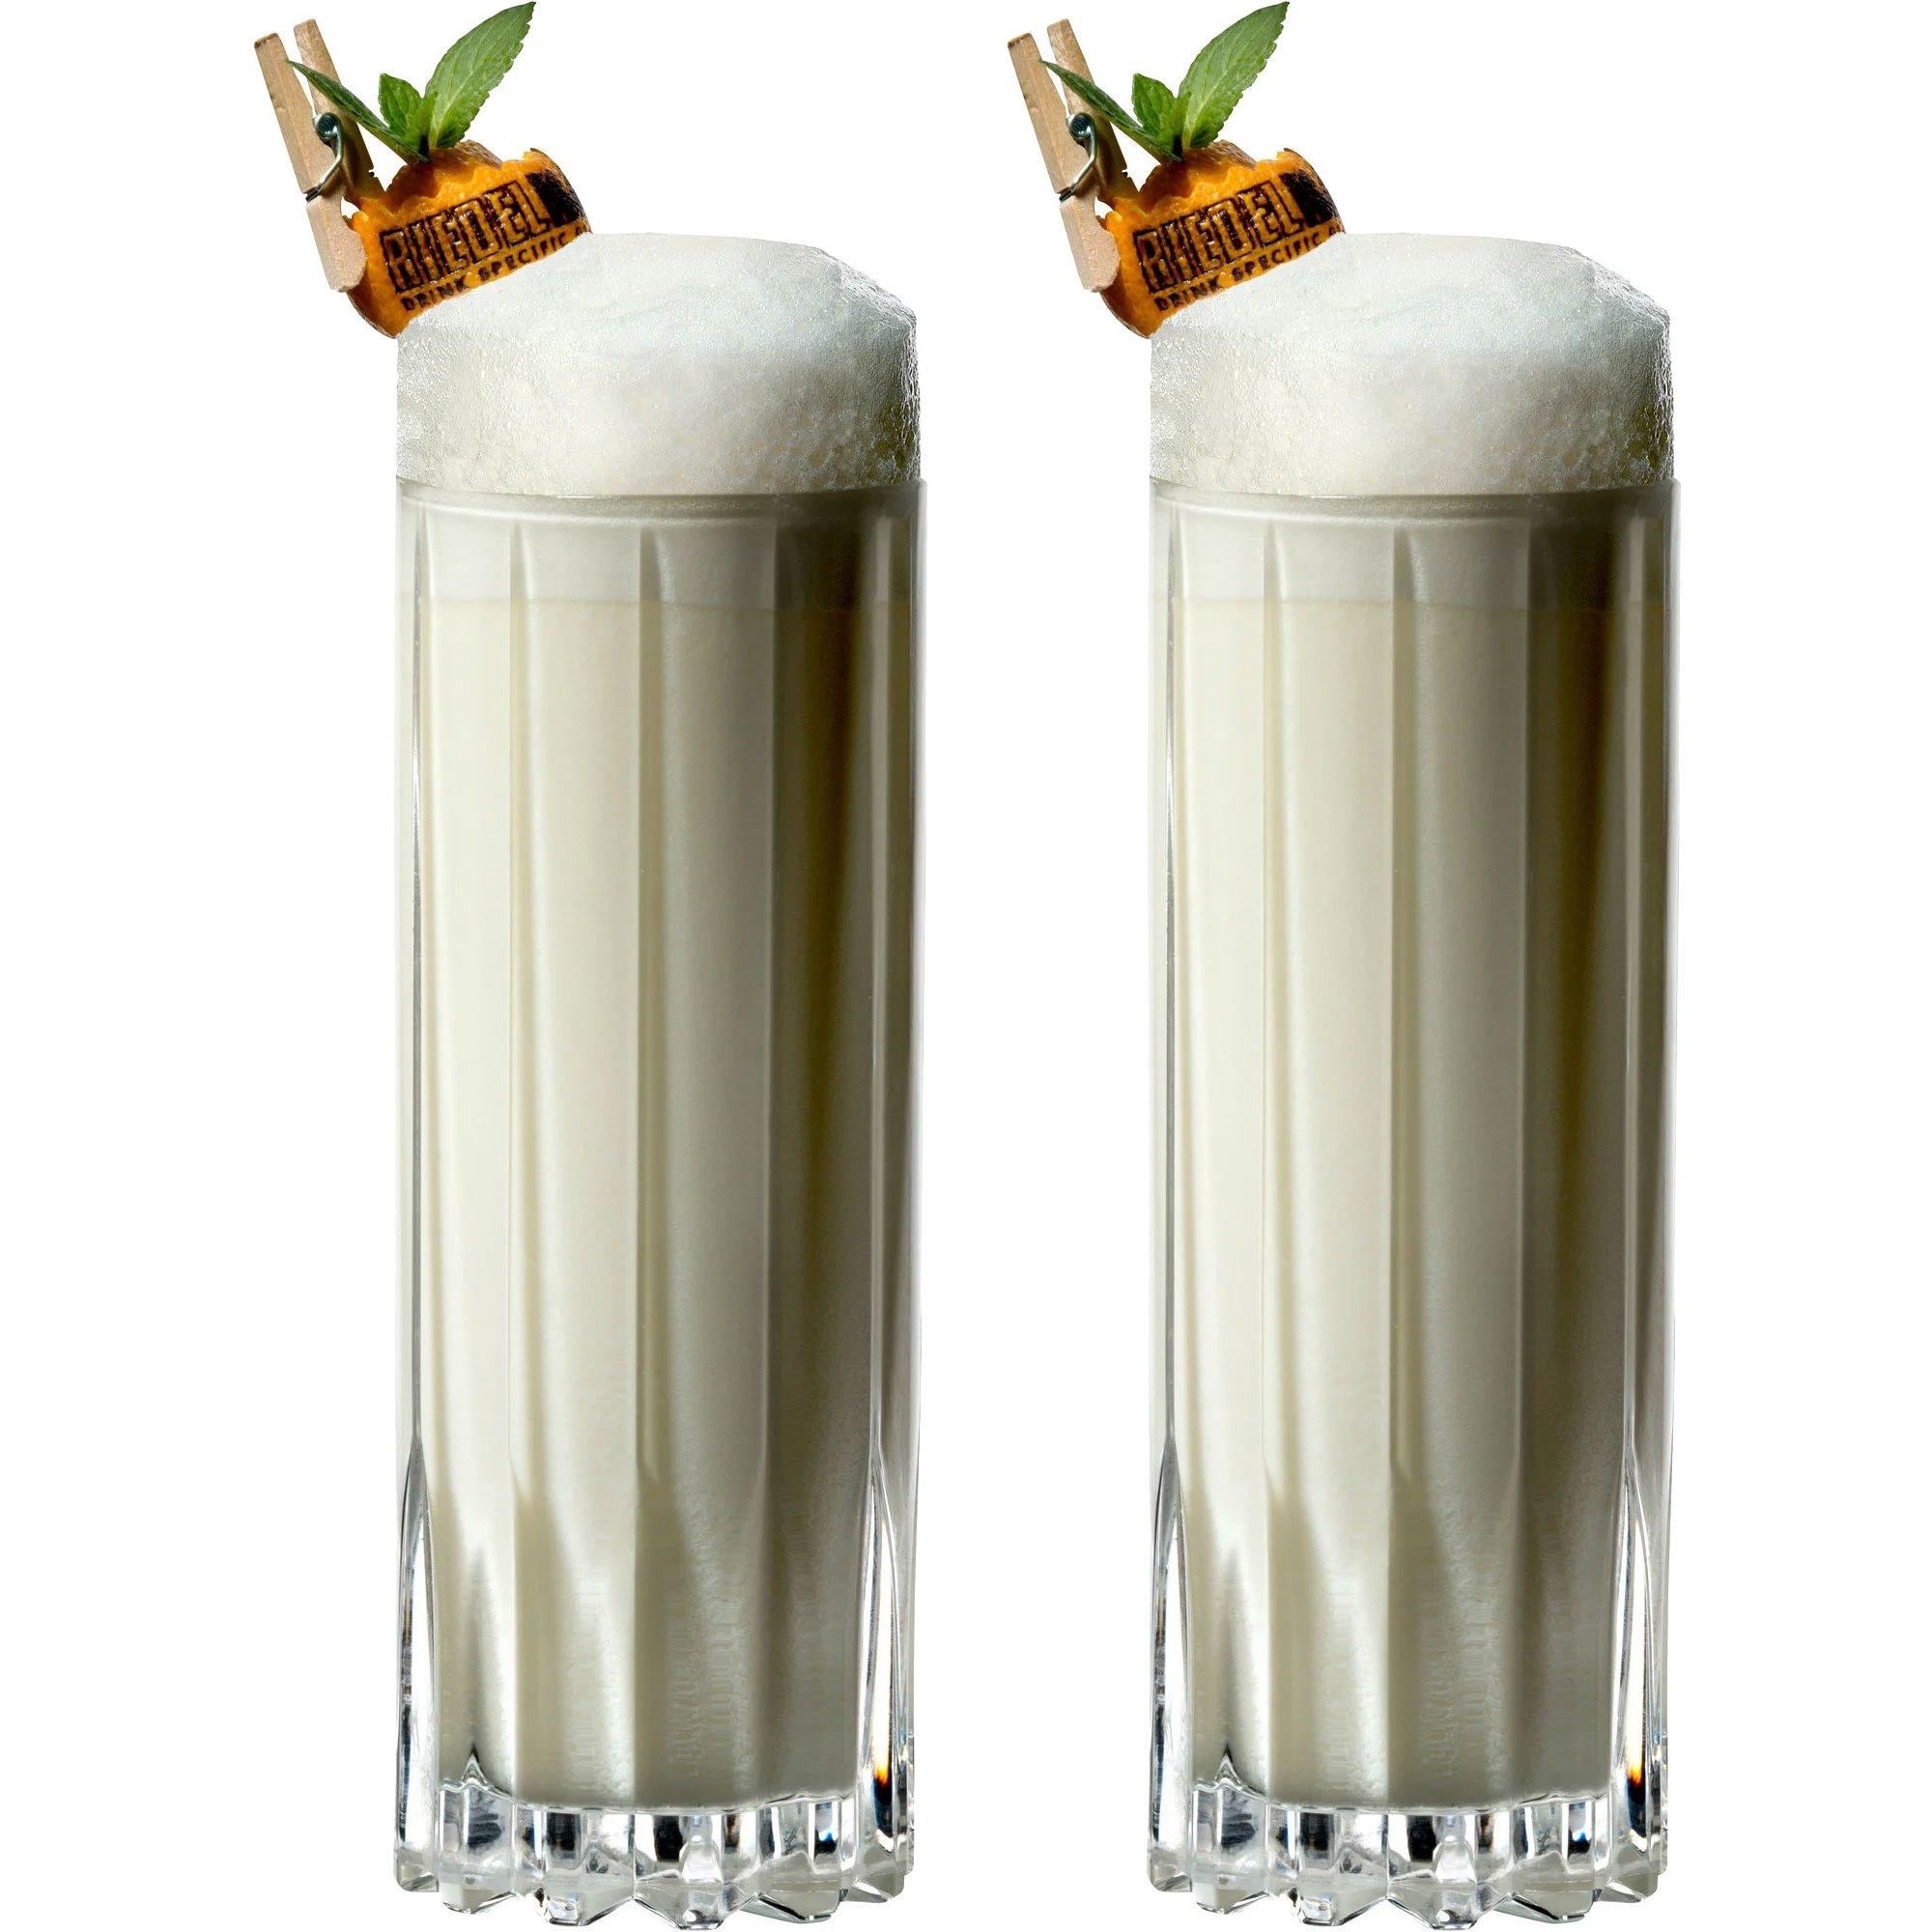 Riedel Drinkglas från Drink Specific 2 st